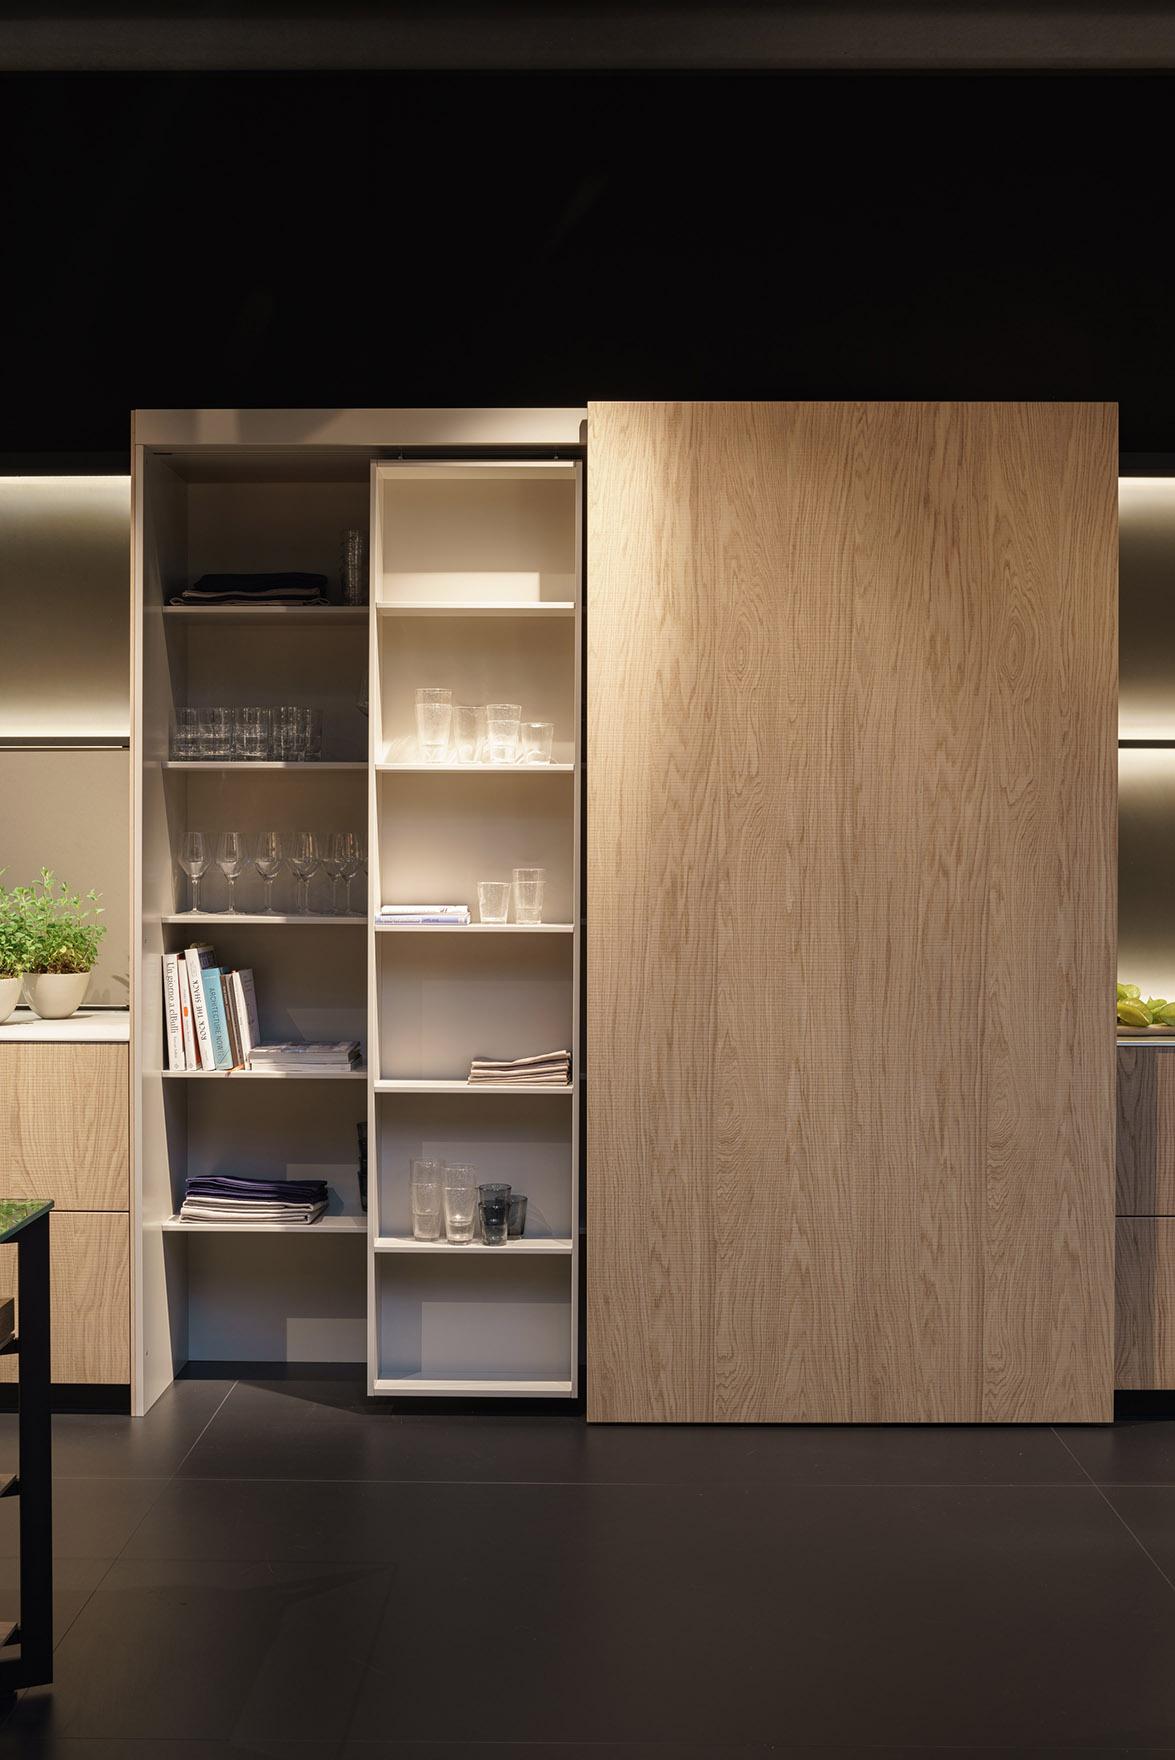 b3_Milan_sliding_shelf